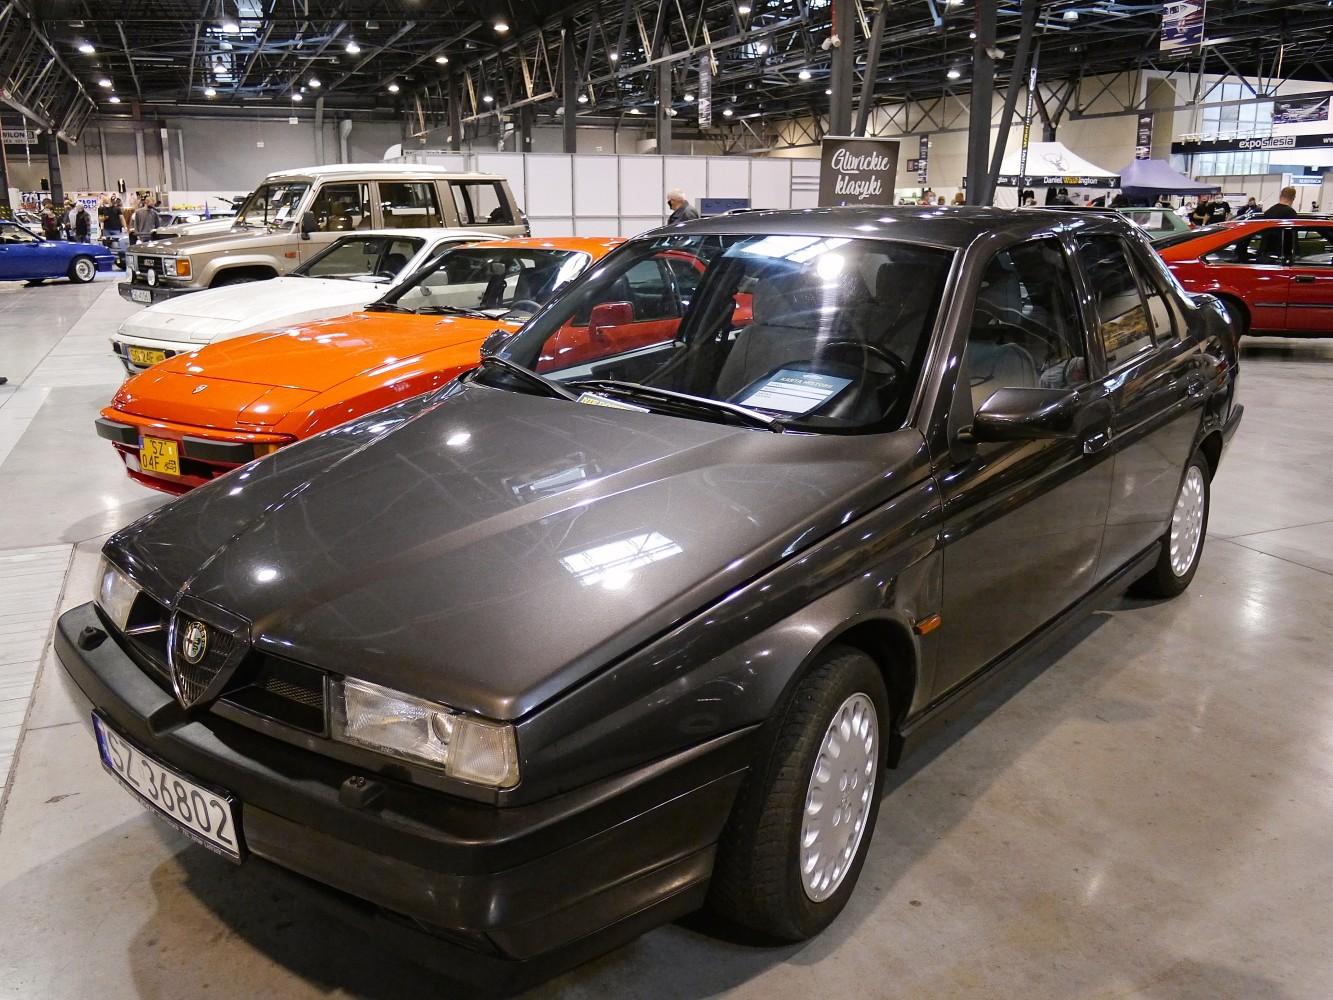 Kliknij obrazek, aby uzyskać większą wersję  Nazwa:Alfa Romeo 155 (2).jpg Wyświetleń:69 Rozmiar:378,1 KB ID:232413